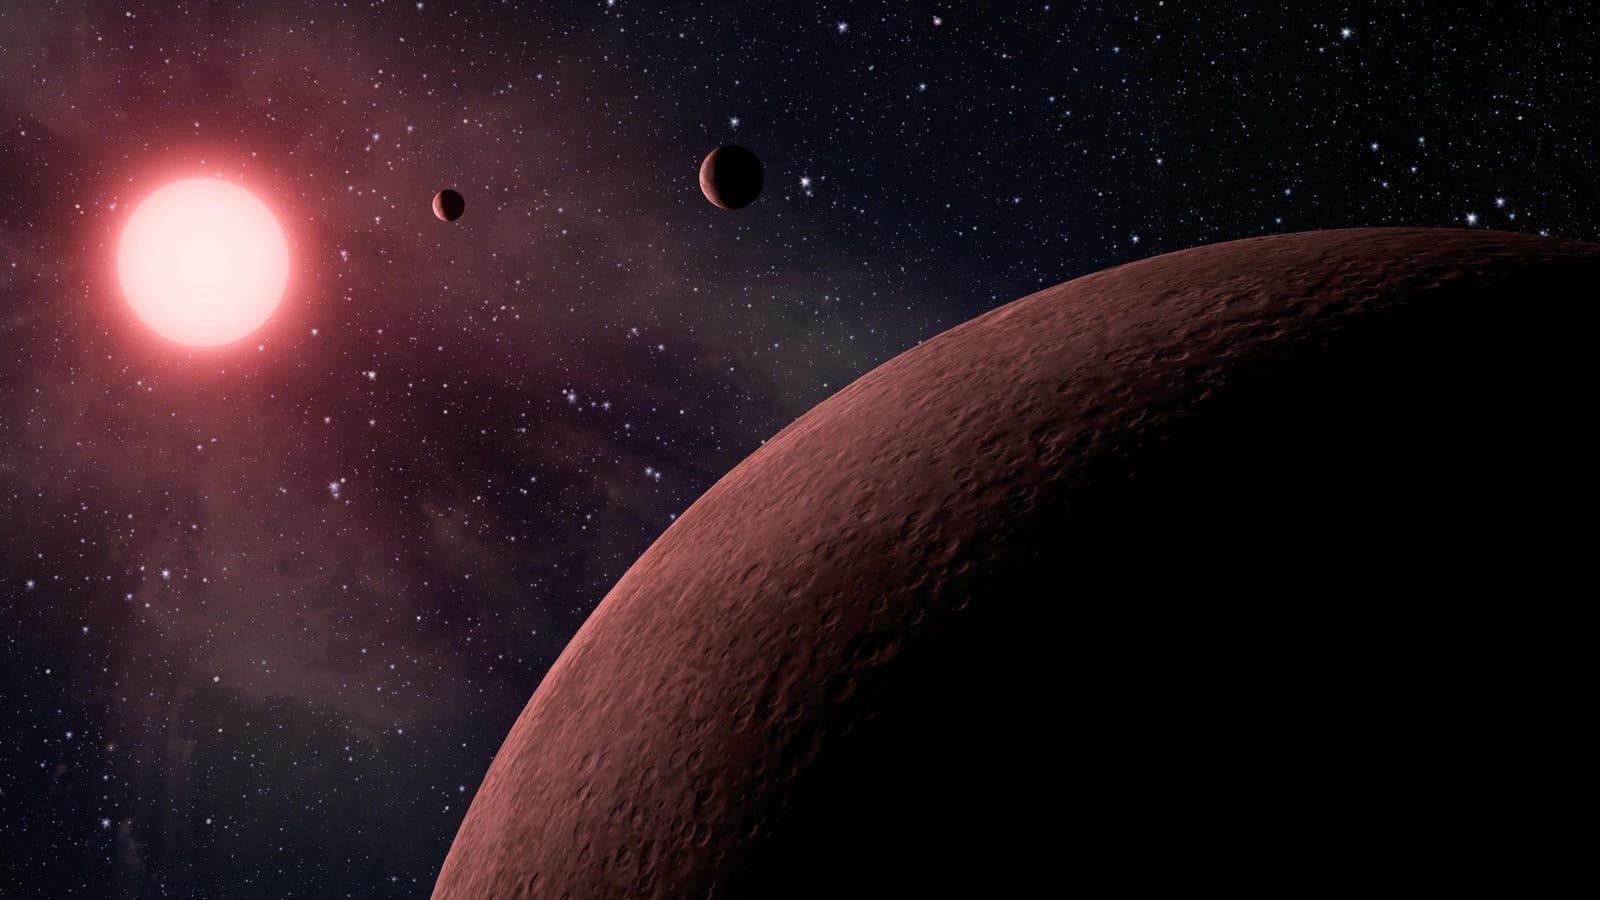 La NASA anuncia el descubrimiento de diez nuevos exoplanetas que podrían ser habitables